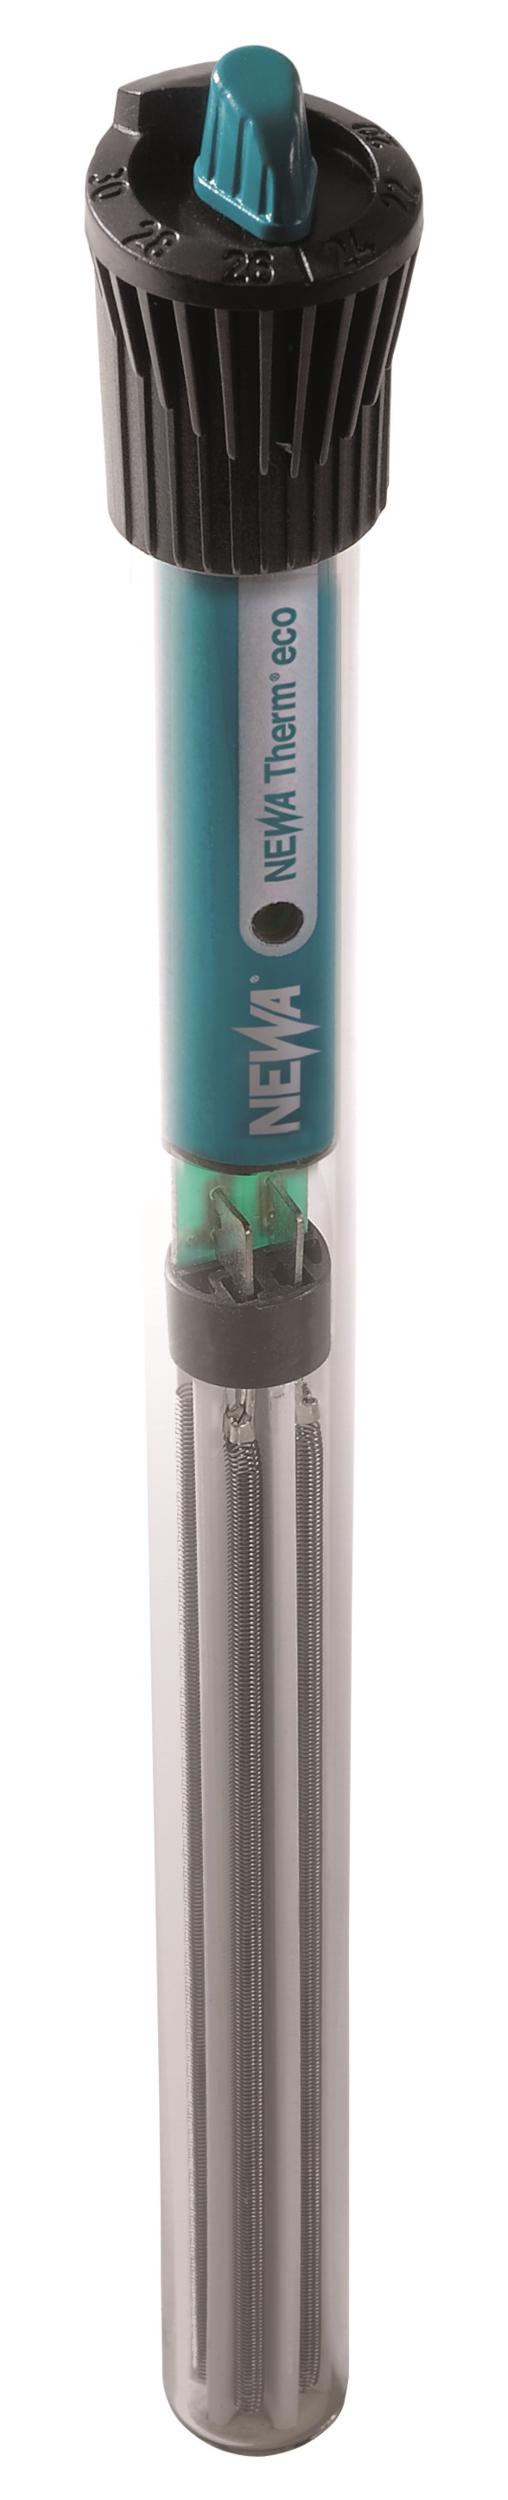 NEWA Therm Eco 150W chauffage avec thermostat intégré pour aquarium de 75 à 150 L